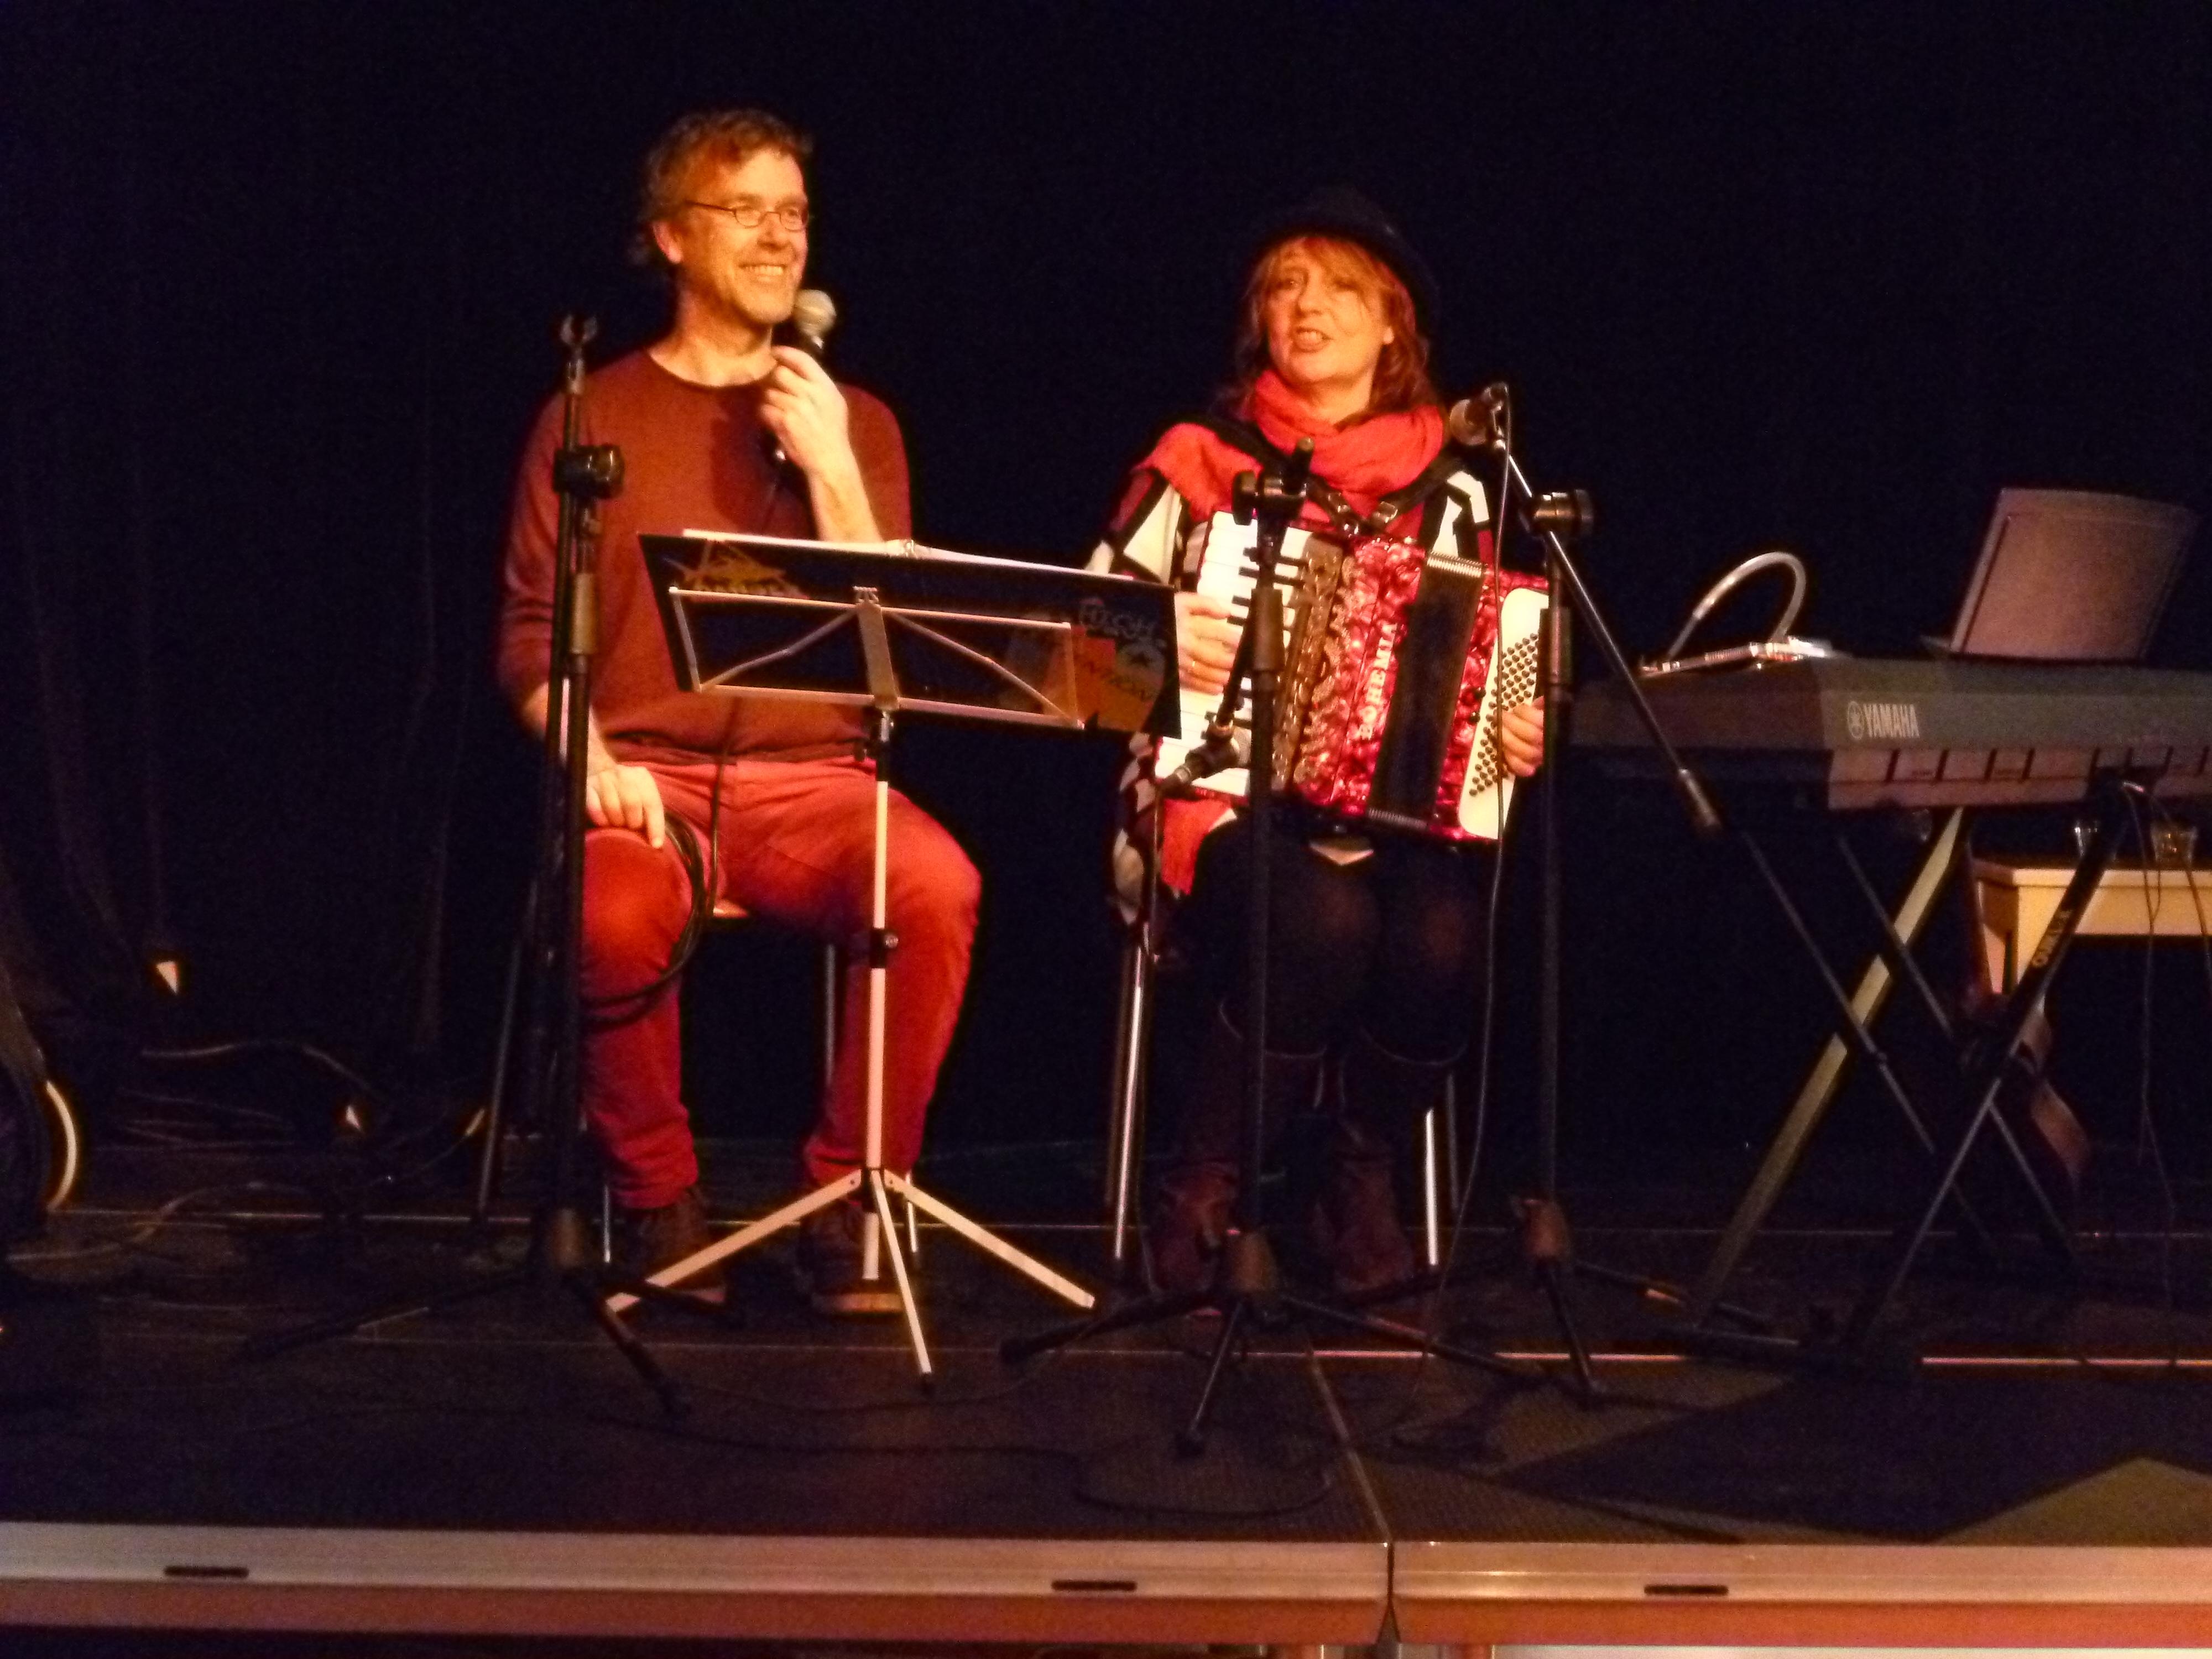 Kluts en Kwijt speelt Nederlandstalige luisterliedjes. (aangeleverde foto)